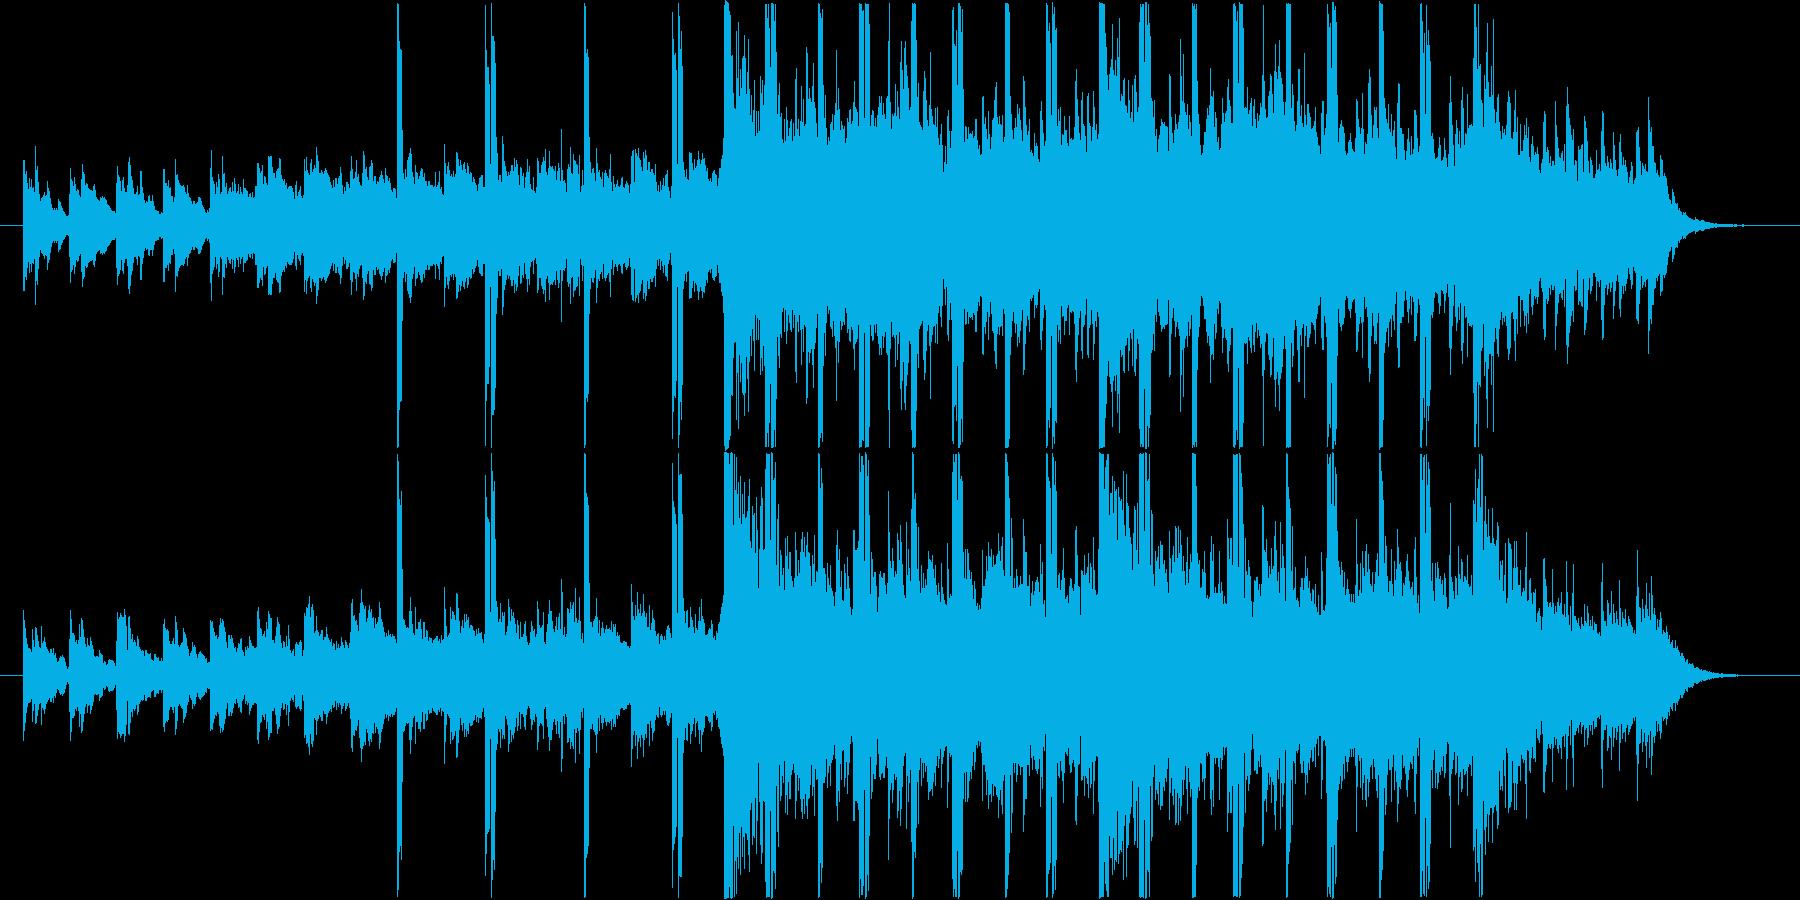 あたたかい印象のゆったりとしたBGMの再生済みの波形